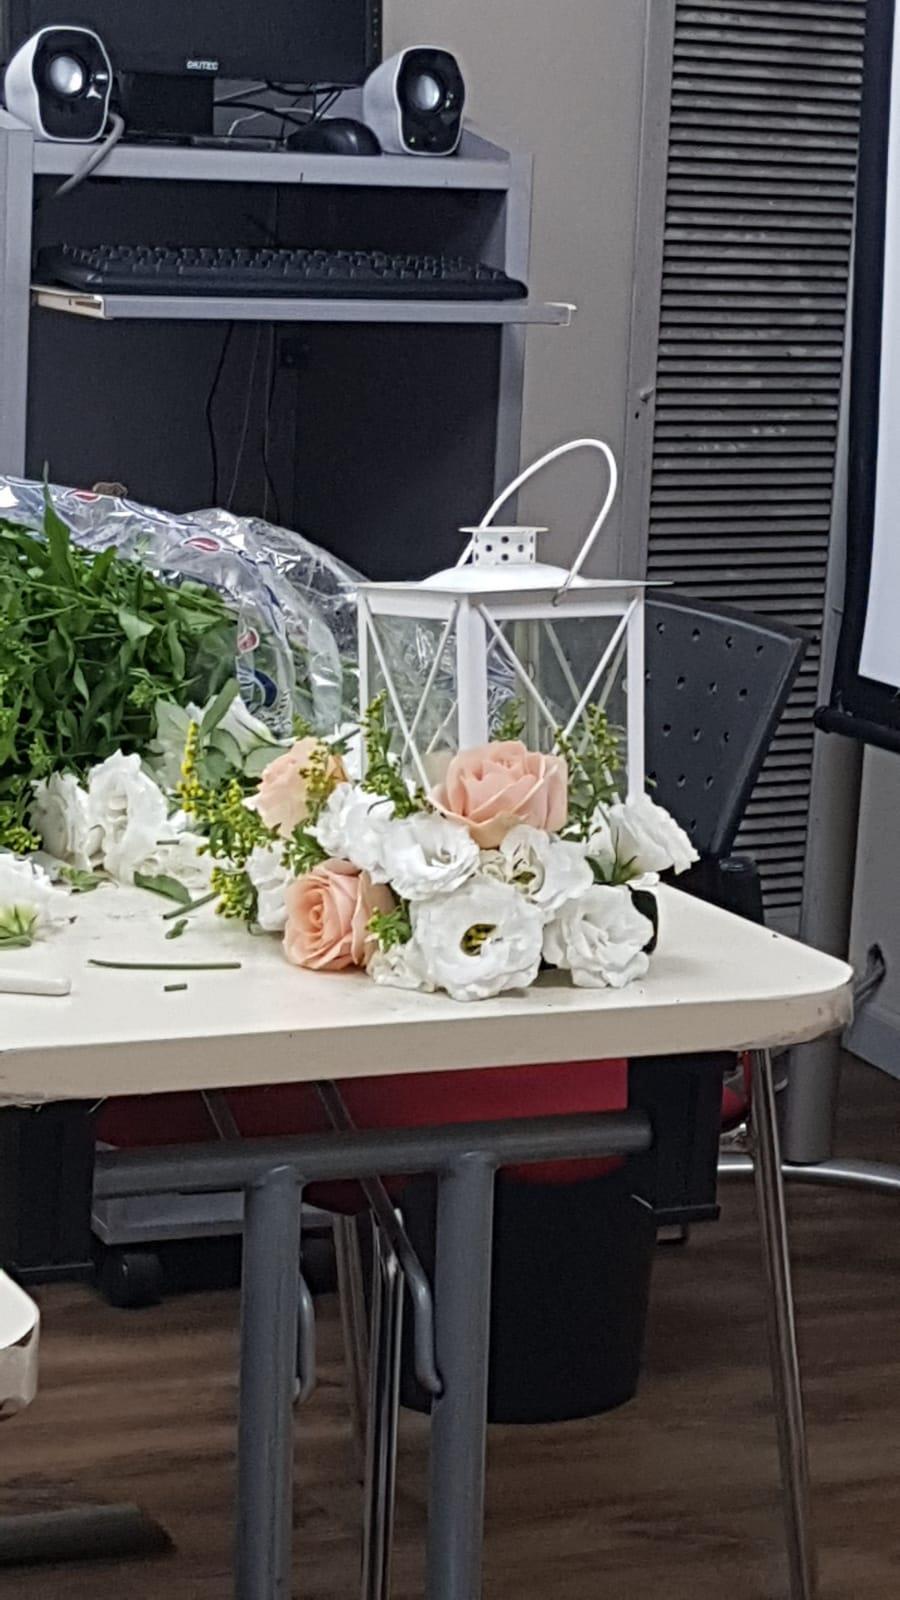 גלרייה - שיעור שזירת פרחים - קורס הפקת אירועים מחזור 24, 16 מתוך 35